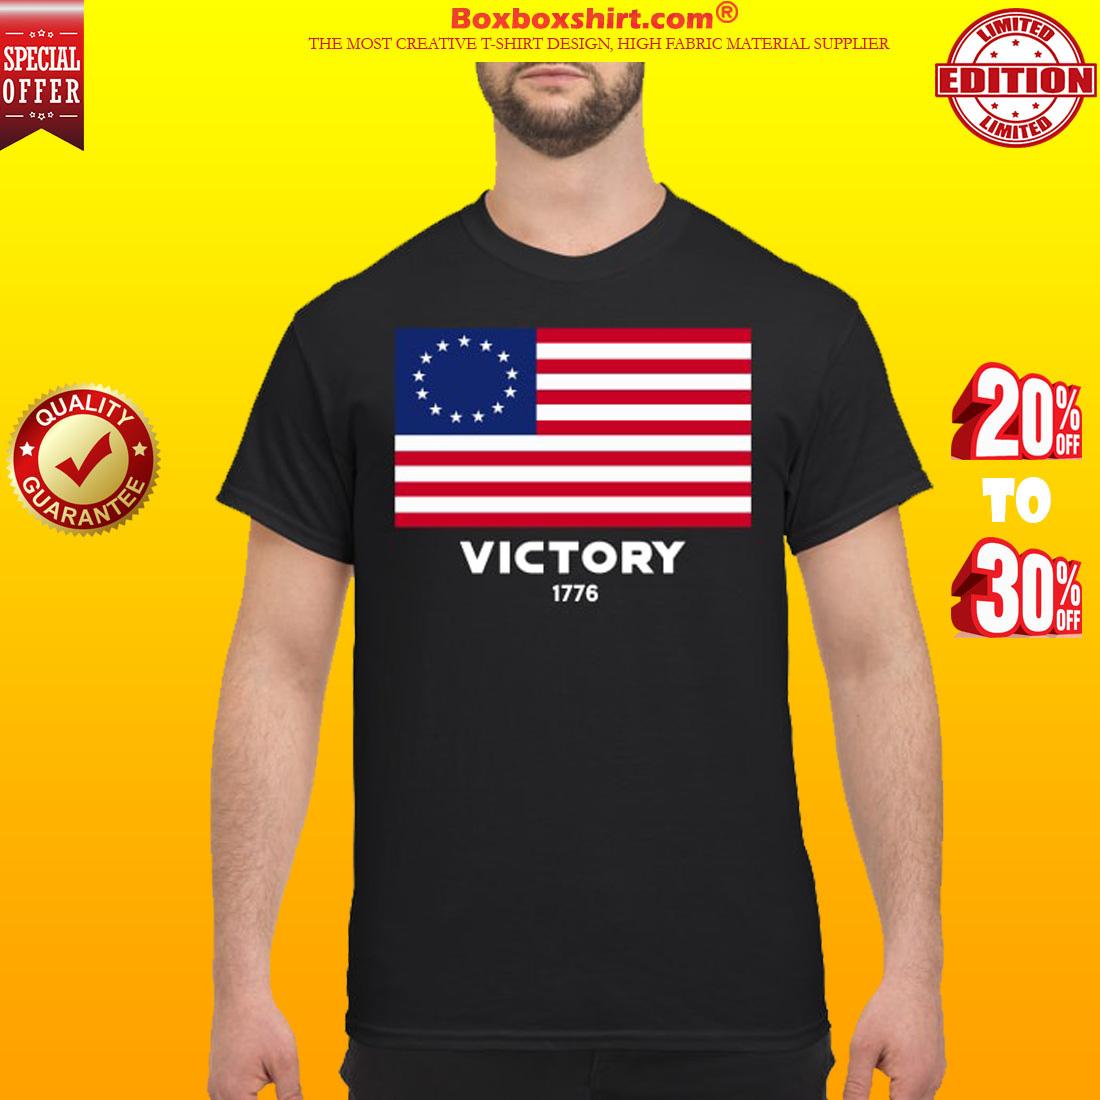 USA American flag victory 1776 shirt